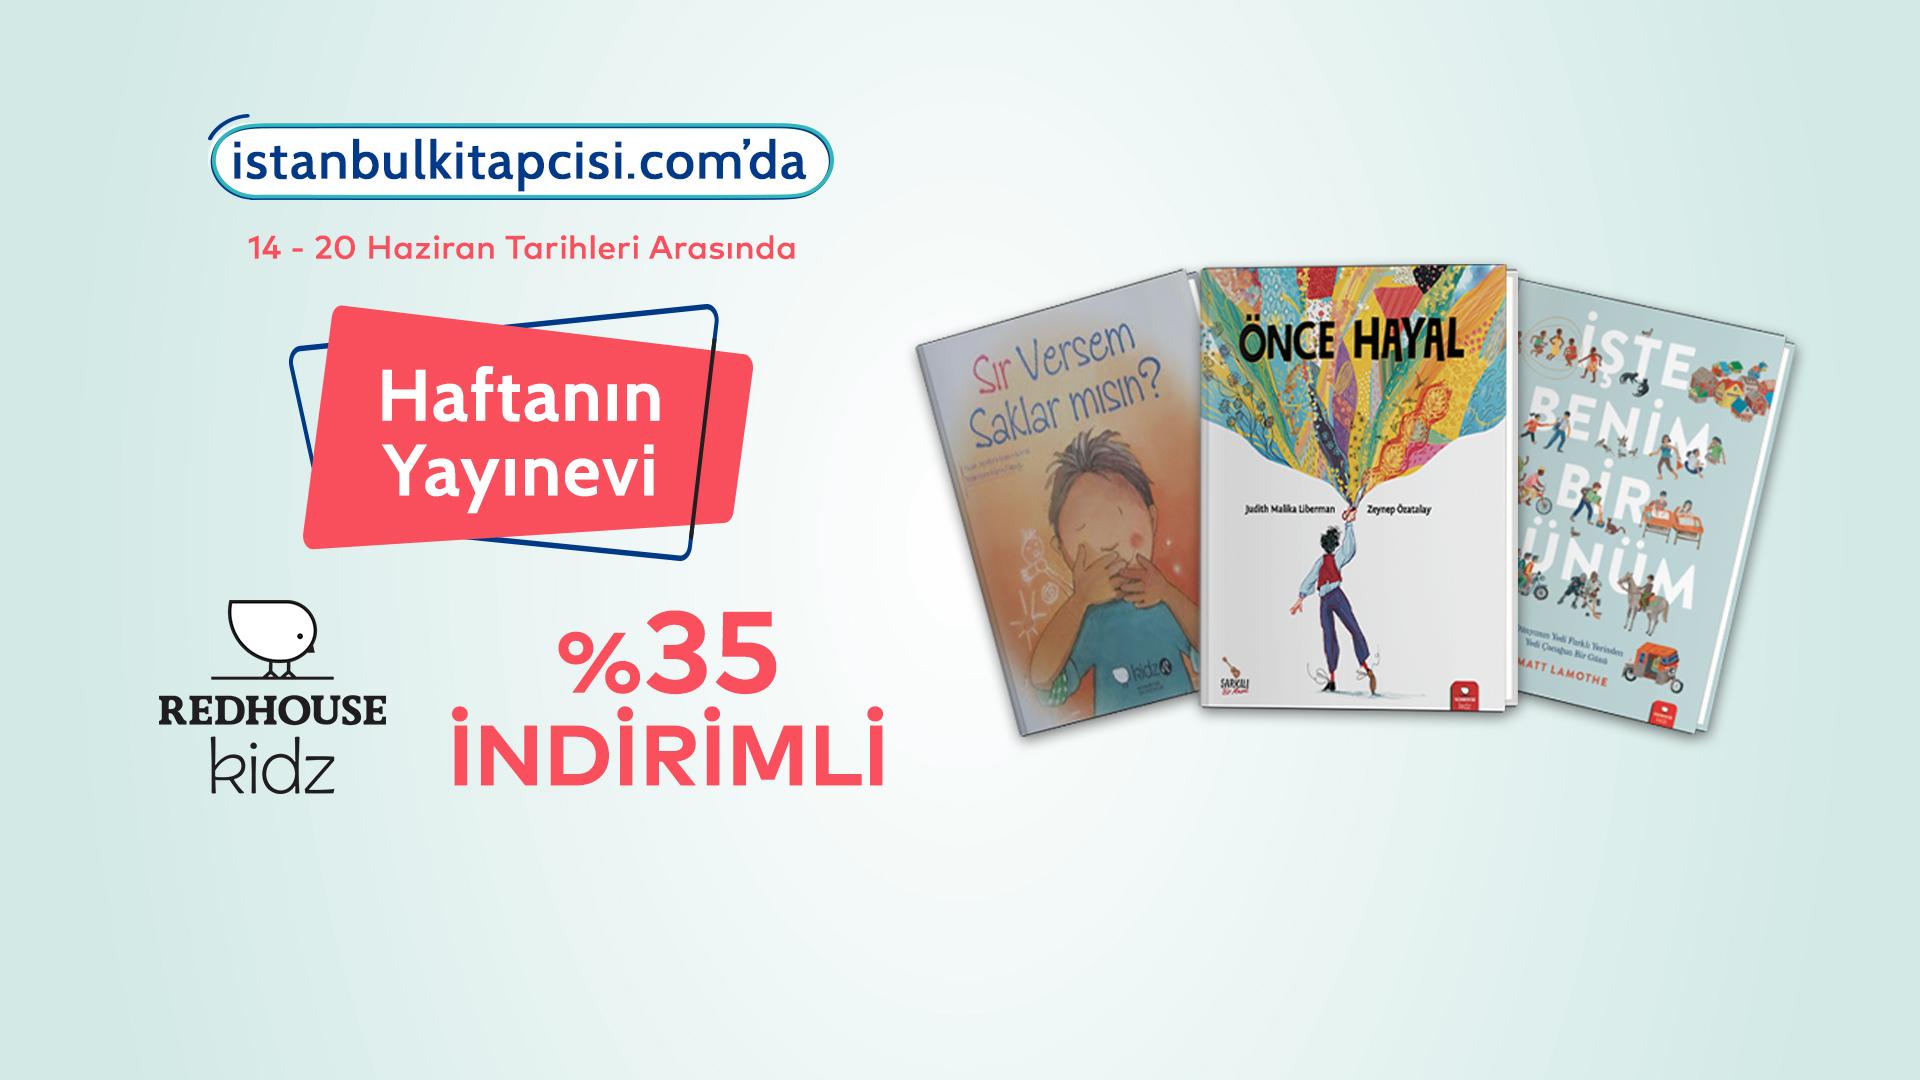 Redhouse Kidz Yayınları, www.istanbulkitapcisi.com'da indirimde!